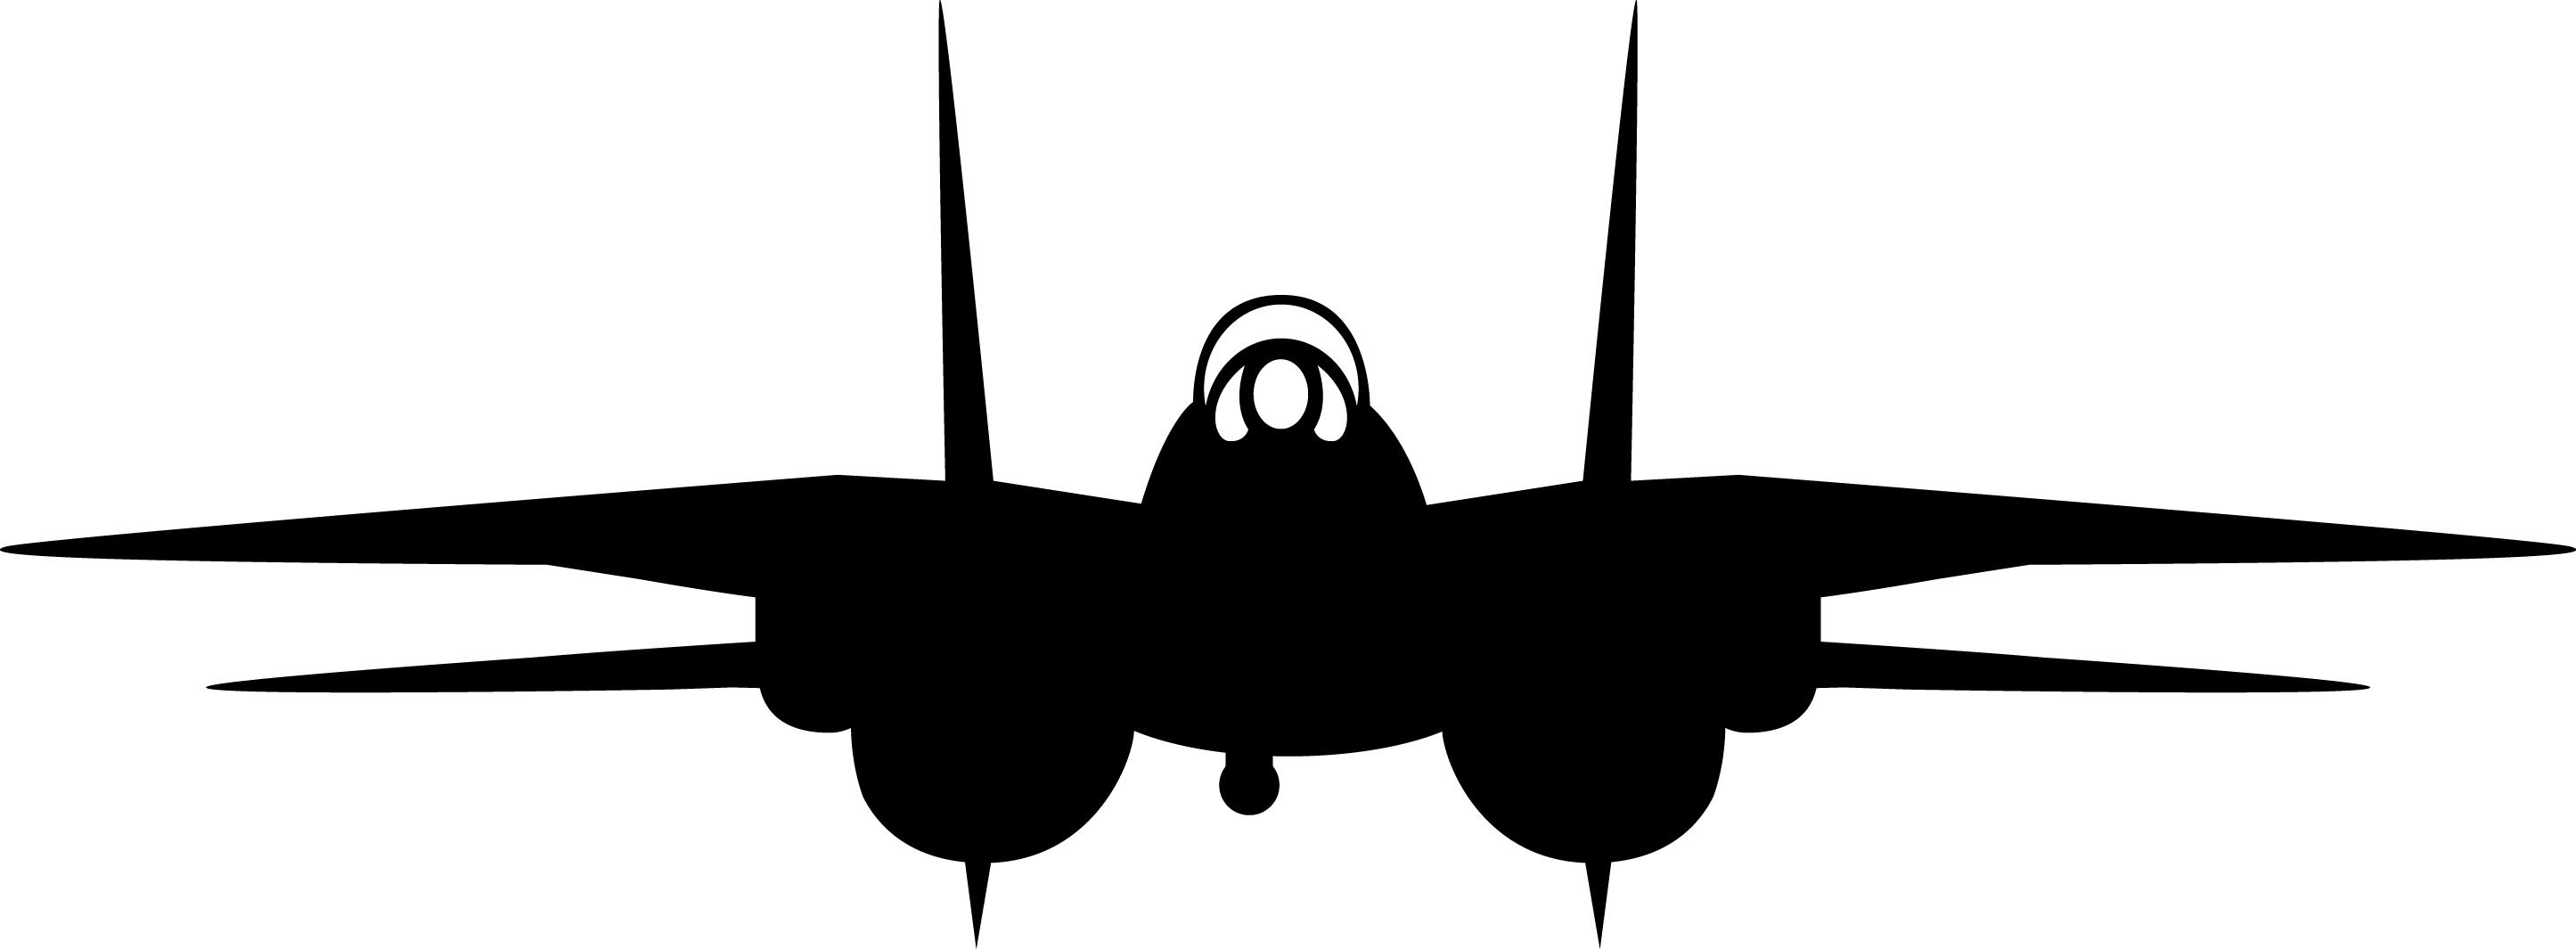 2891x1065 F 14 Tomcat Fighter Wall Decal F 14